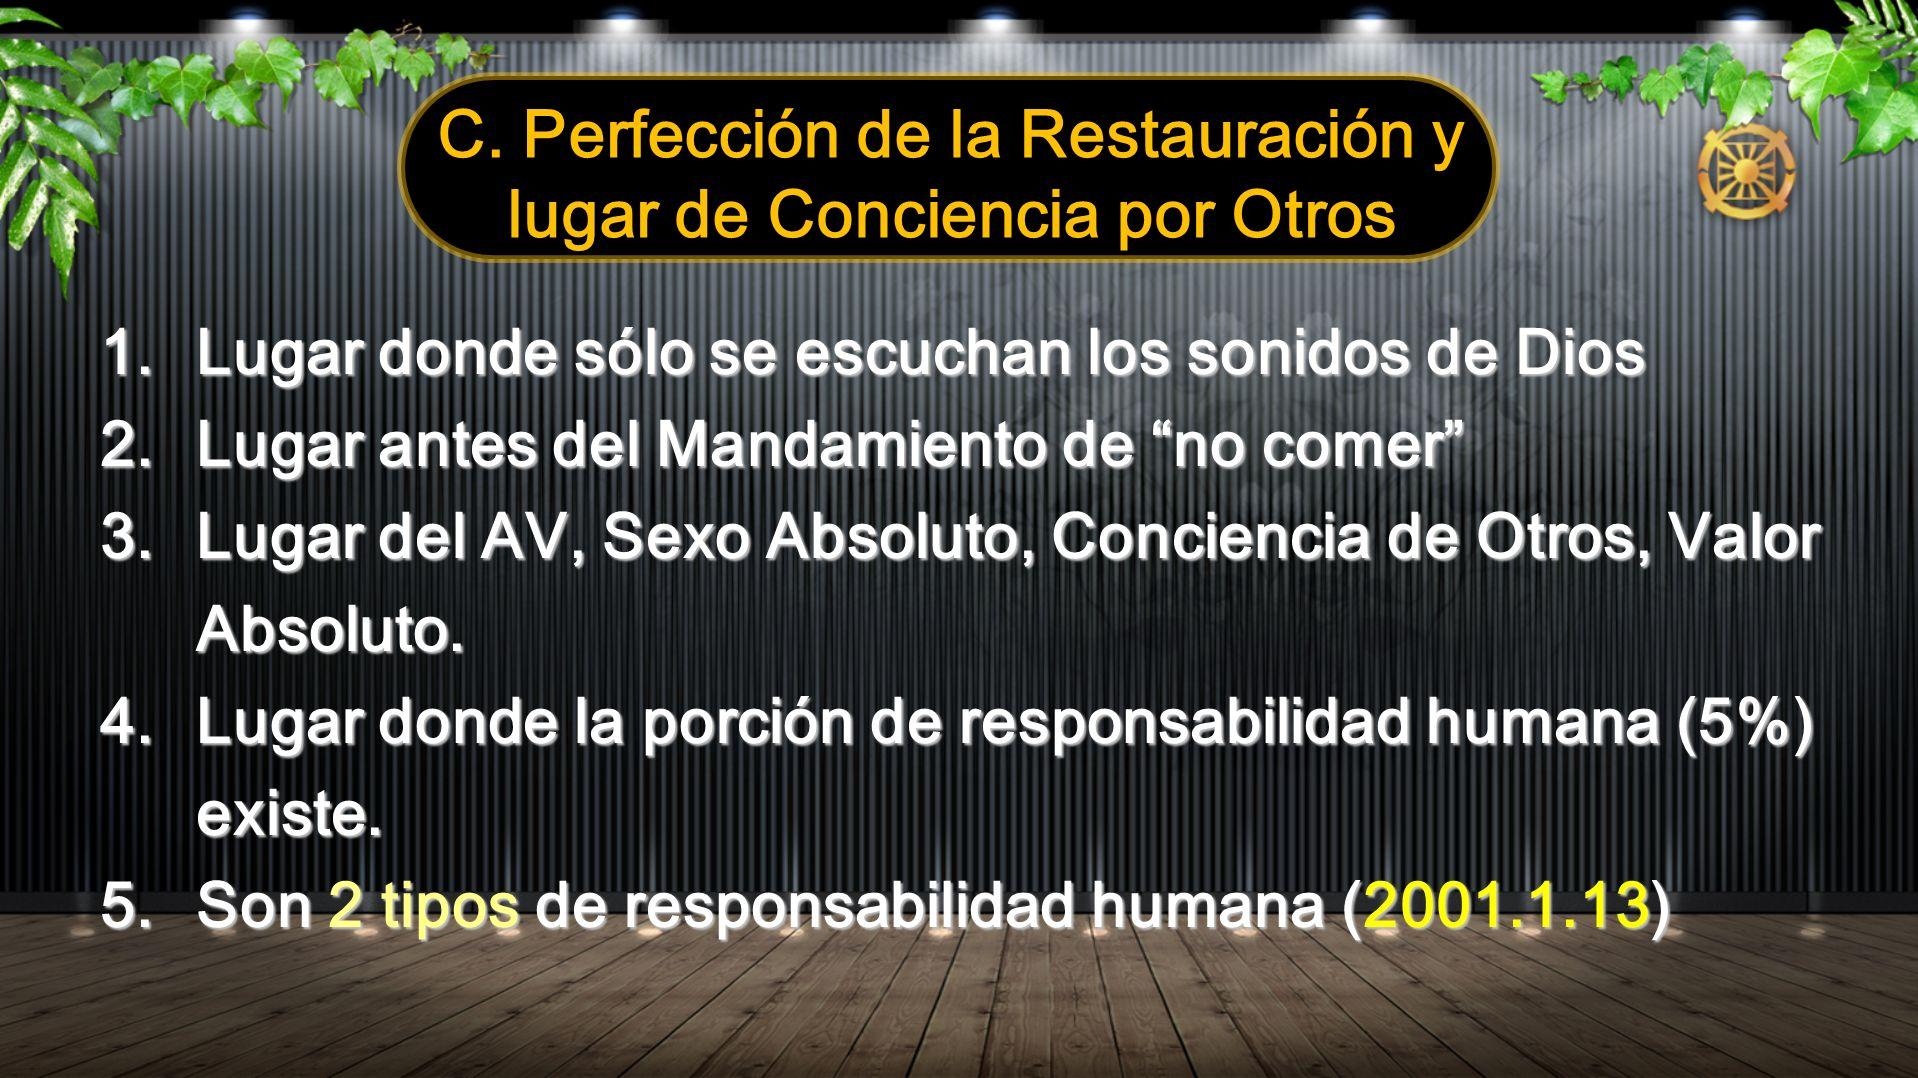 C. Perfección de la Restauración y lugar de Conciencia por Otros